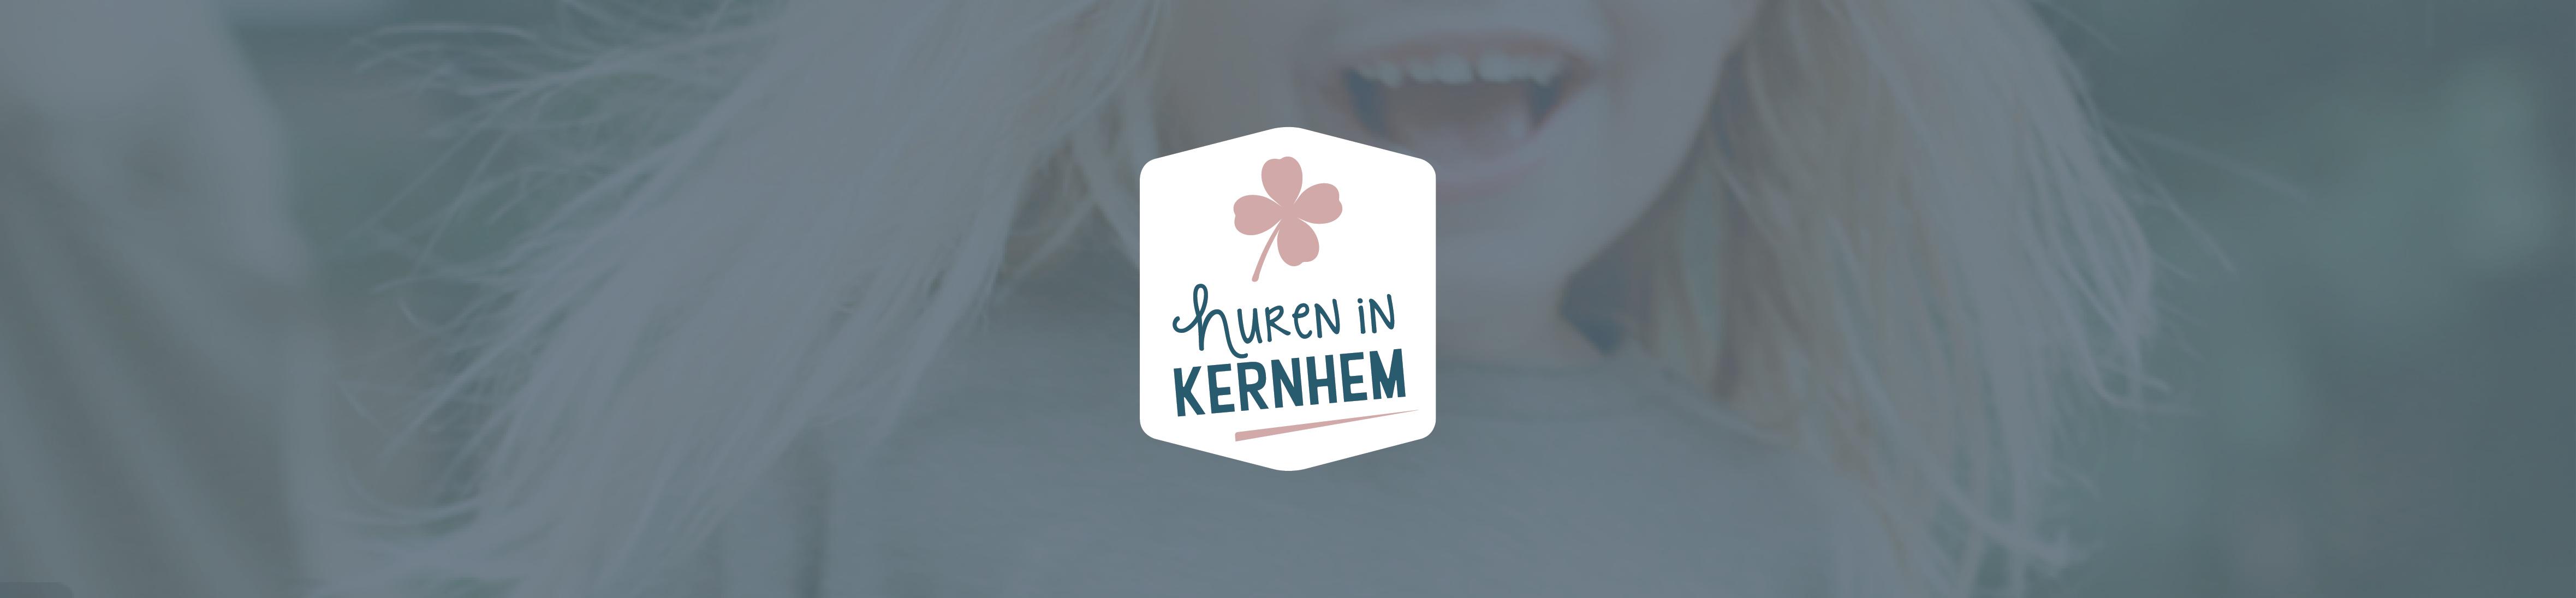 header_kernhem